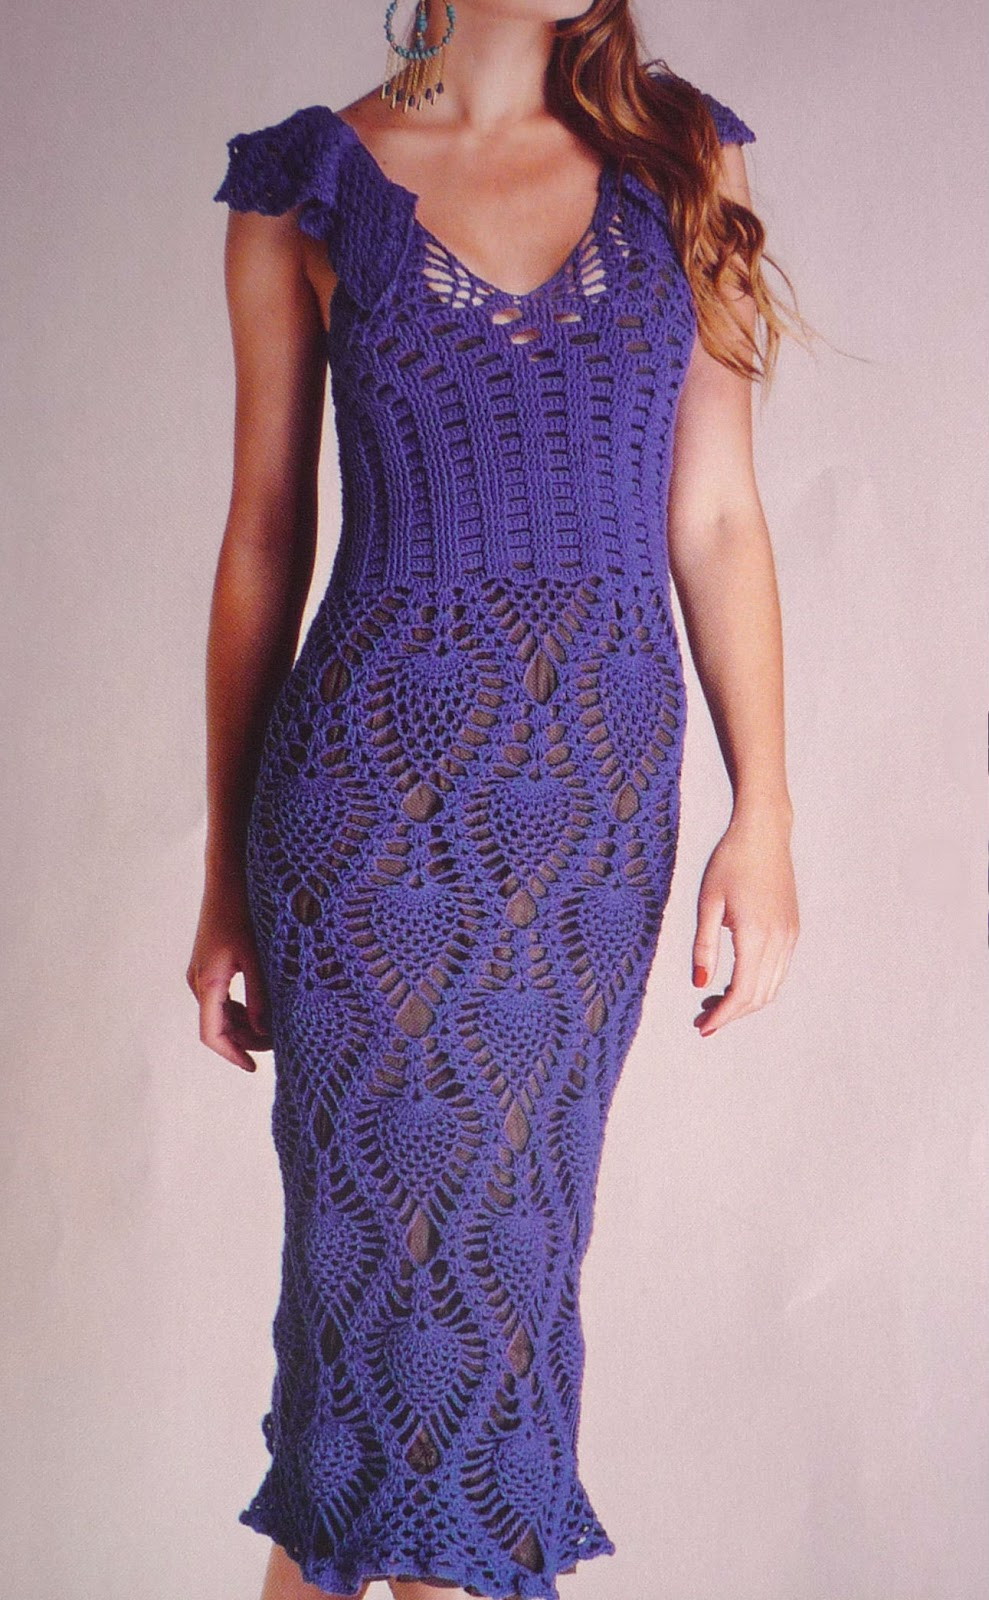 Patrones De Tejido Gratis Tejido Para Mujeres Crochet